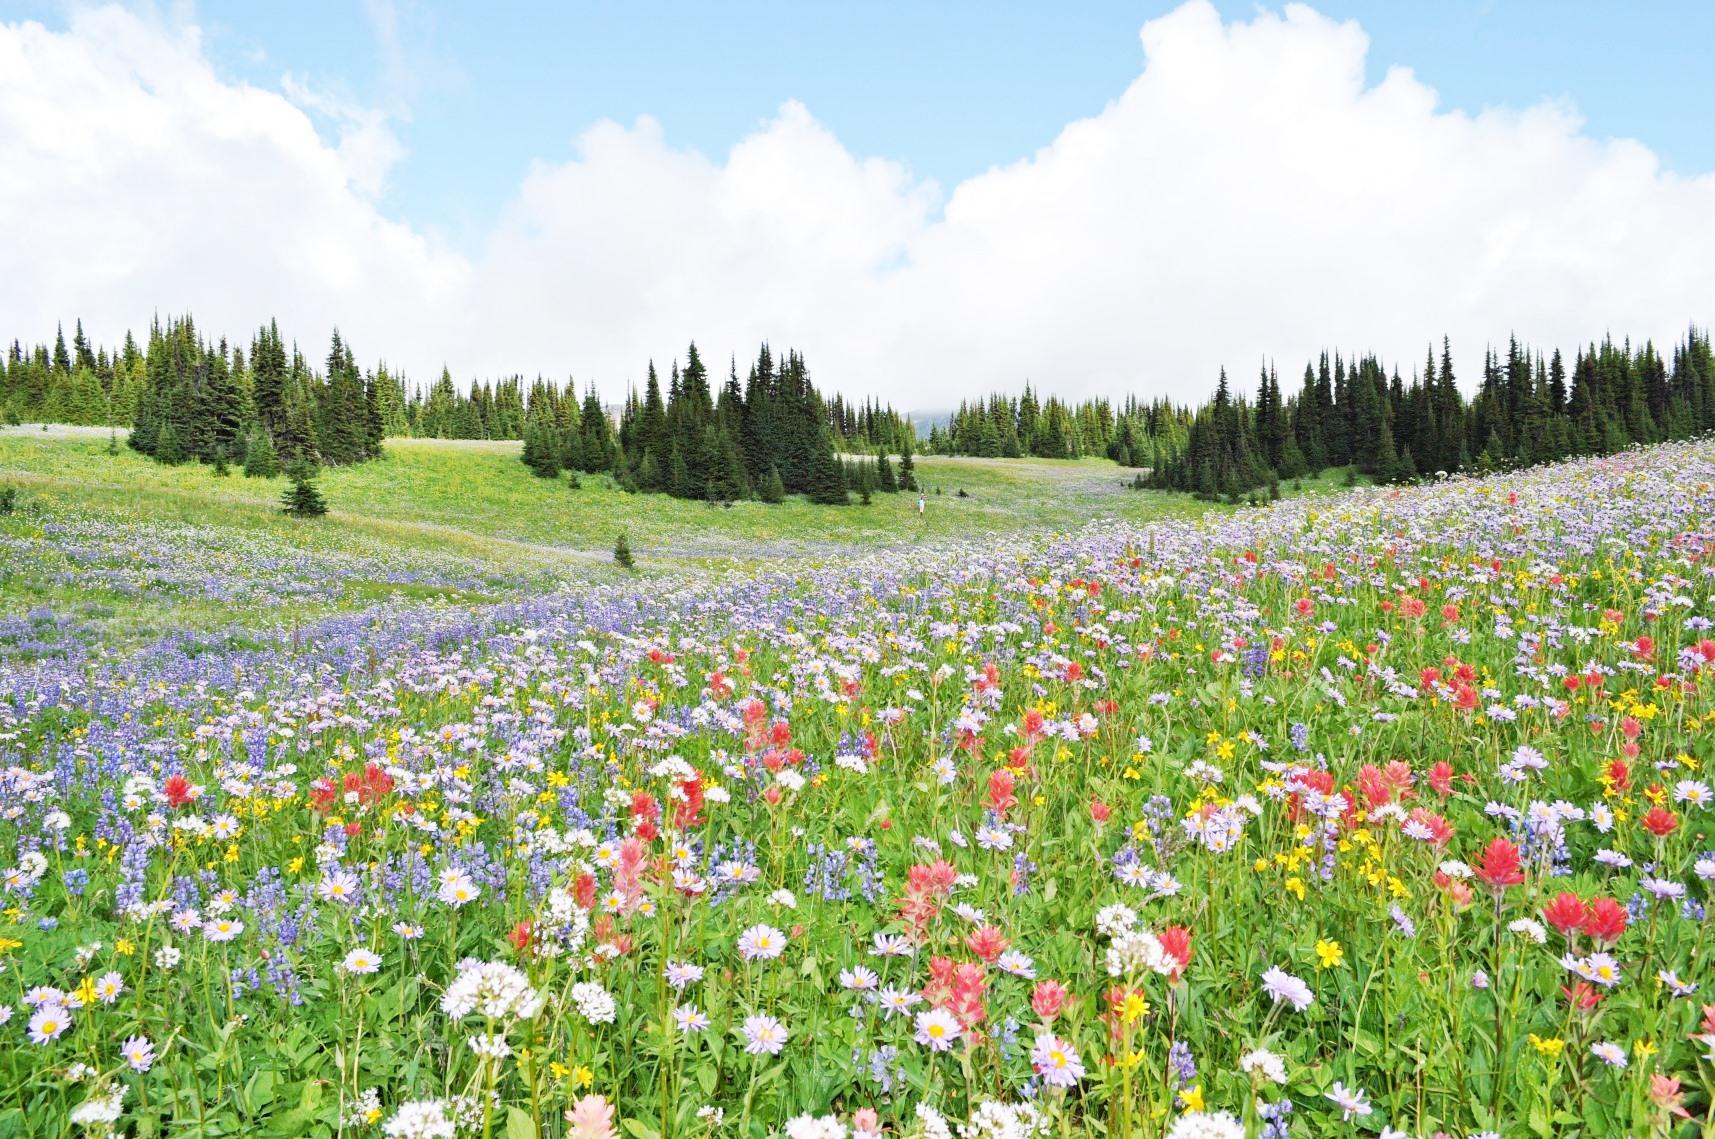 インディアンペイントブラシやフリーベンなど、色とりどりの高山植物が咲き乱れる